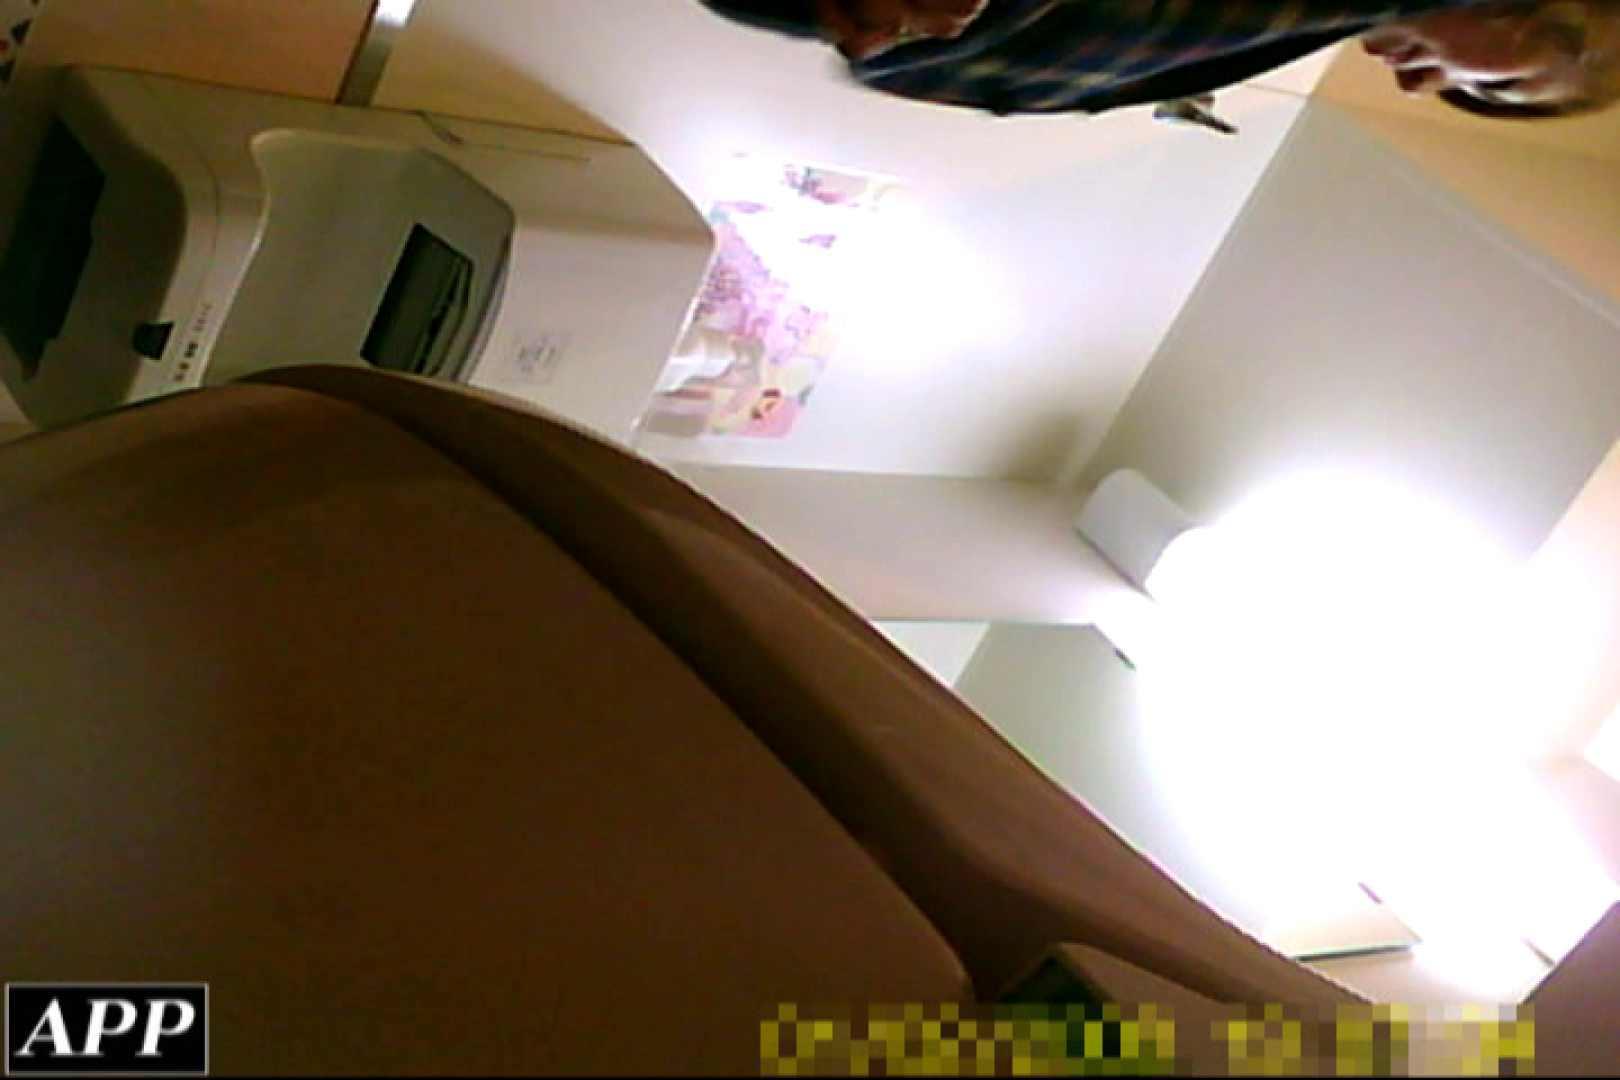 3視点洗面所 vol.91 オマンコ大好き エロ画像 99画像 76